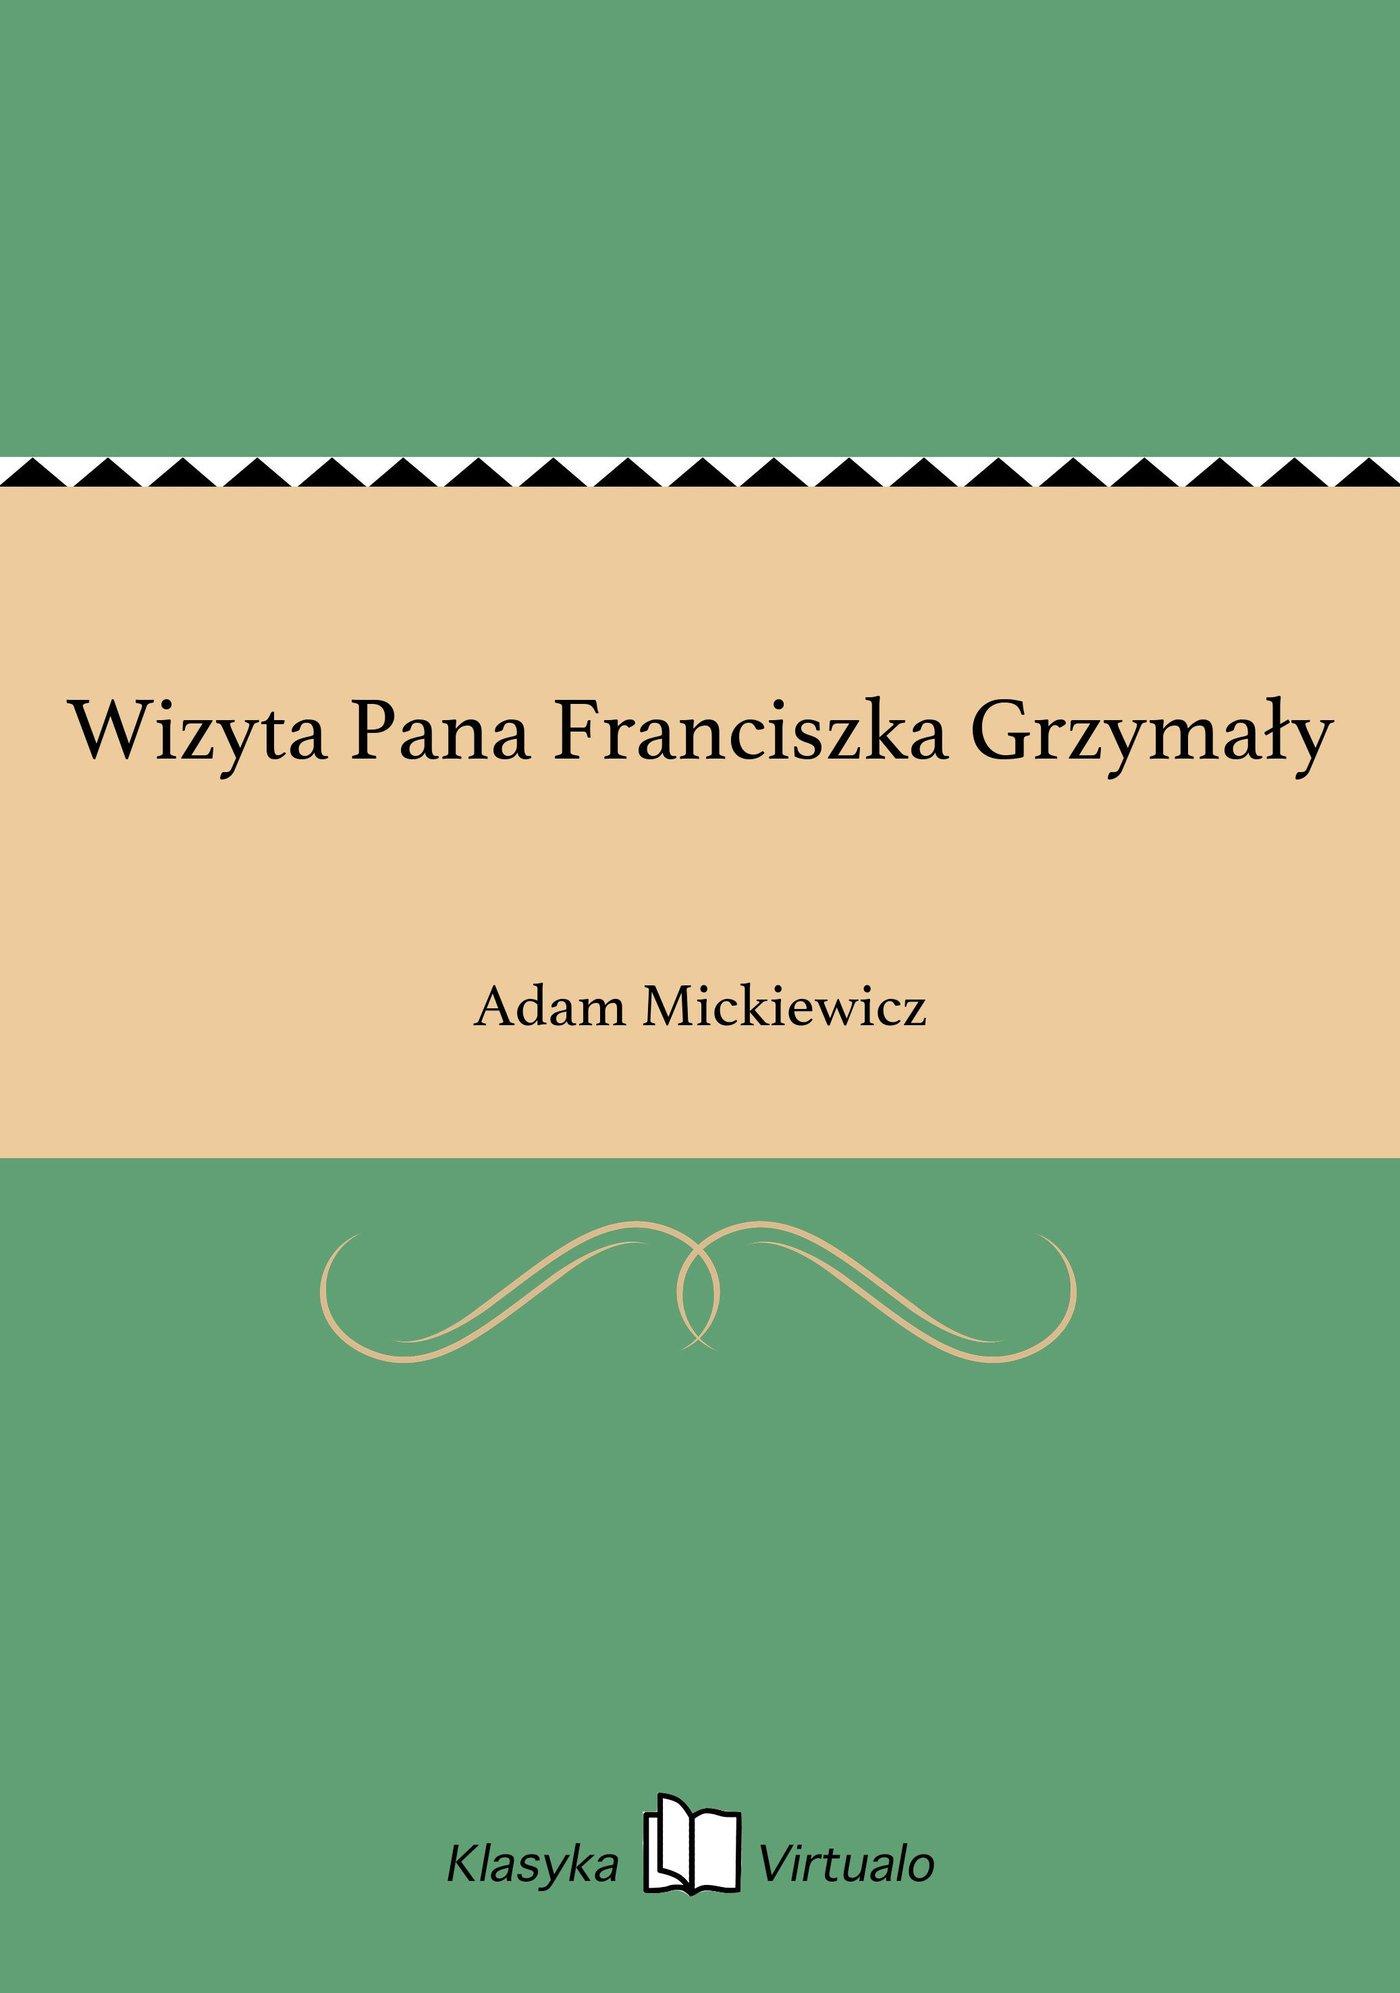 Wizyta Pana Franciszka Grzymały - Ebook (Książka EPUB) do pobrania w formacie EPUB